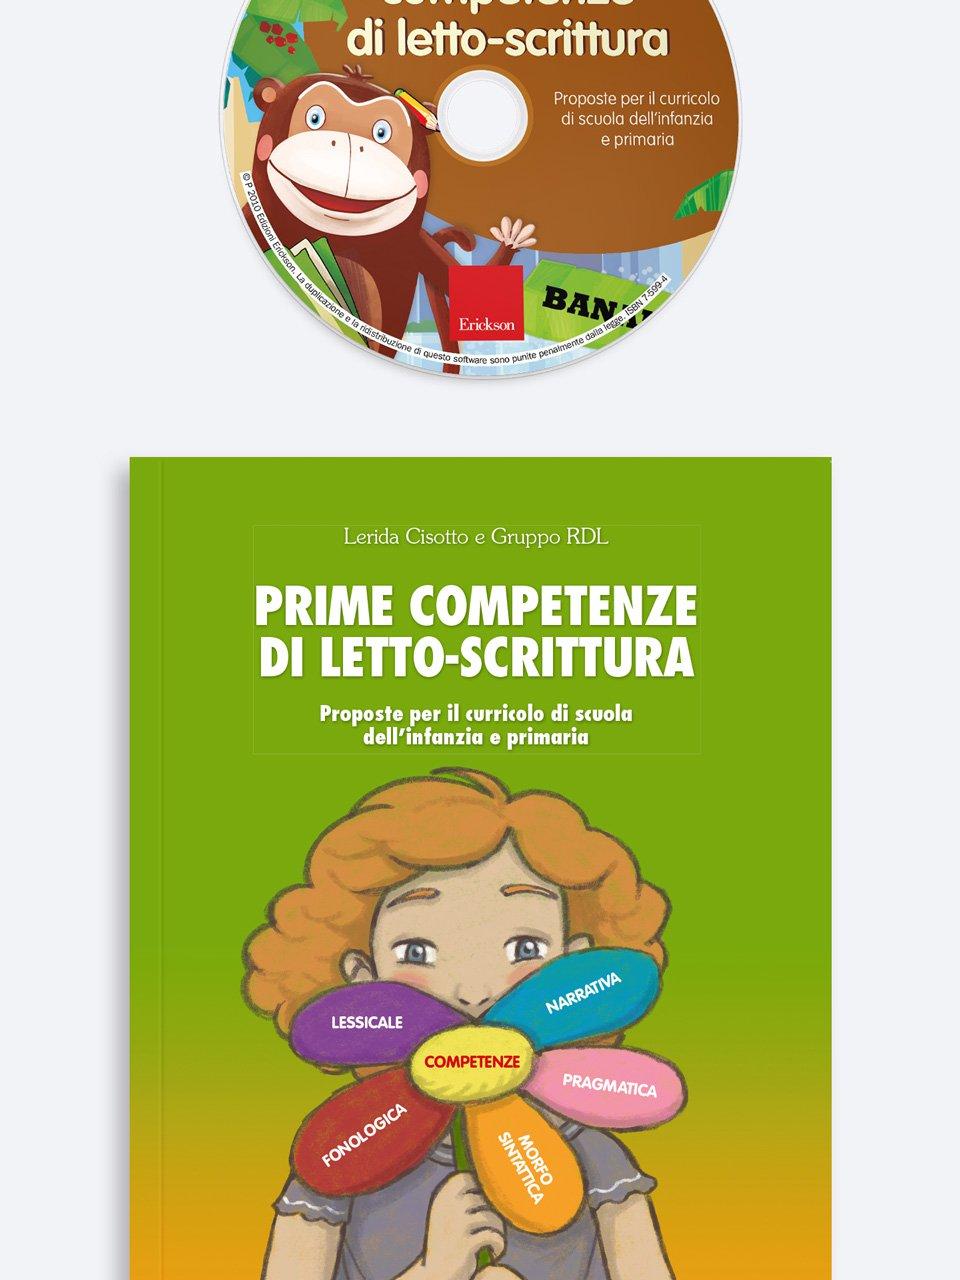 Prime competenze di letto-scrittura - Un gioco di P.A.R.O.L.E. - Strumenti - Erickson 3